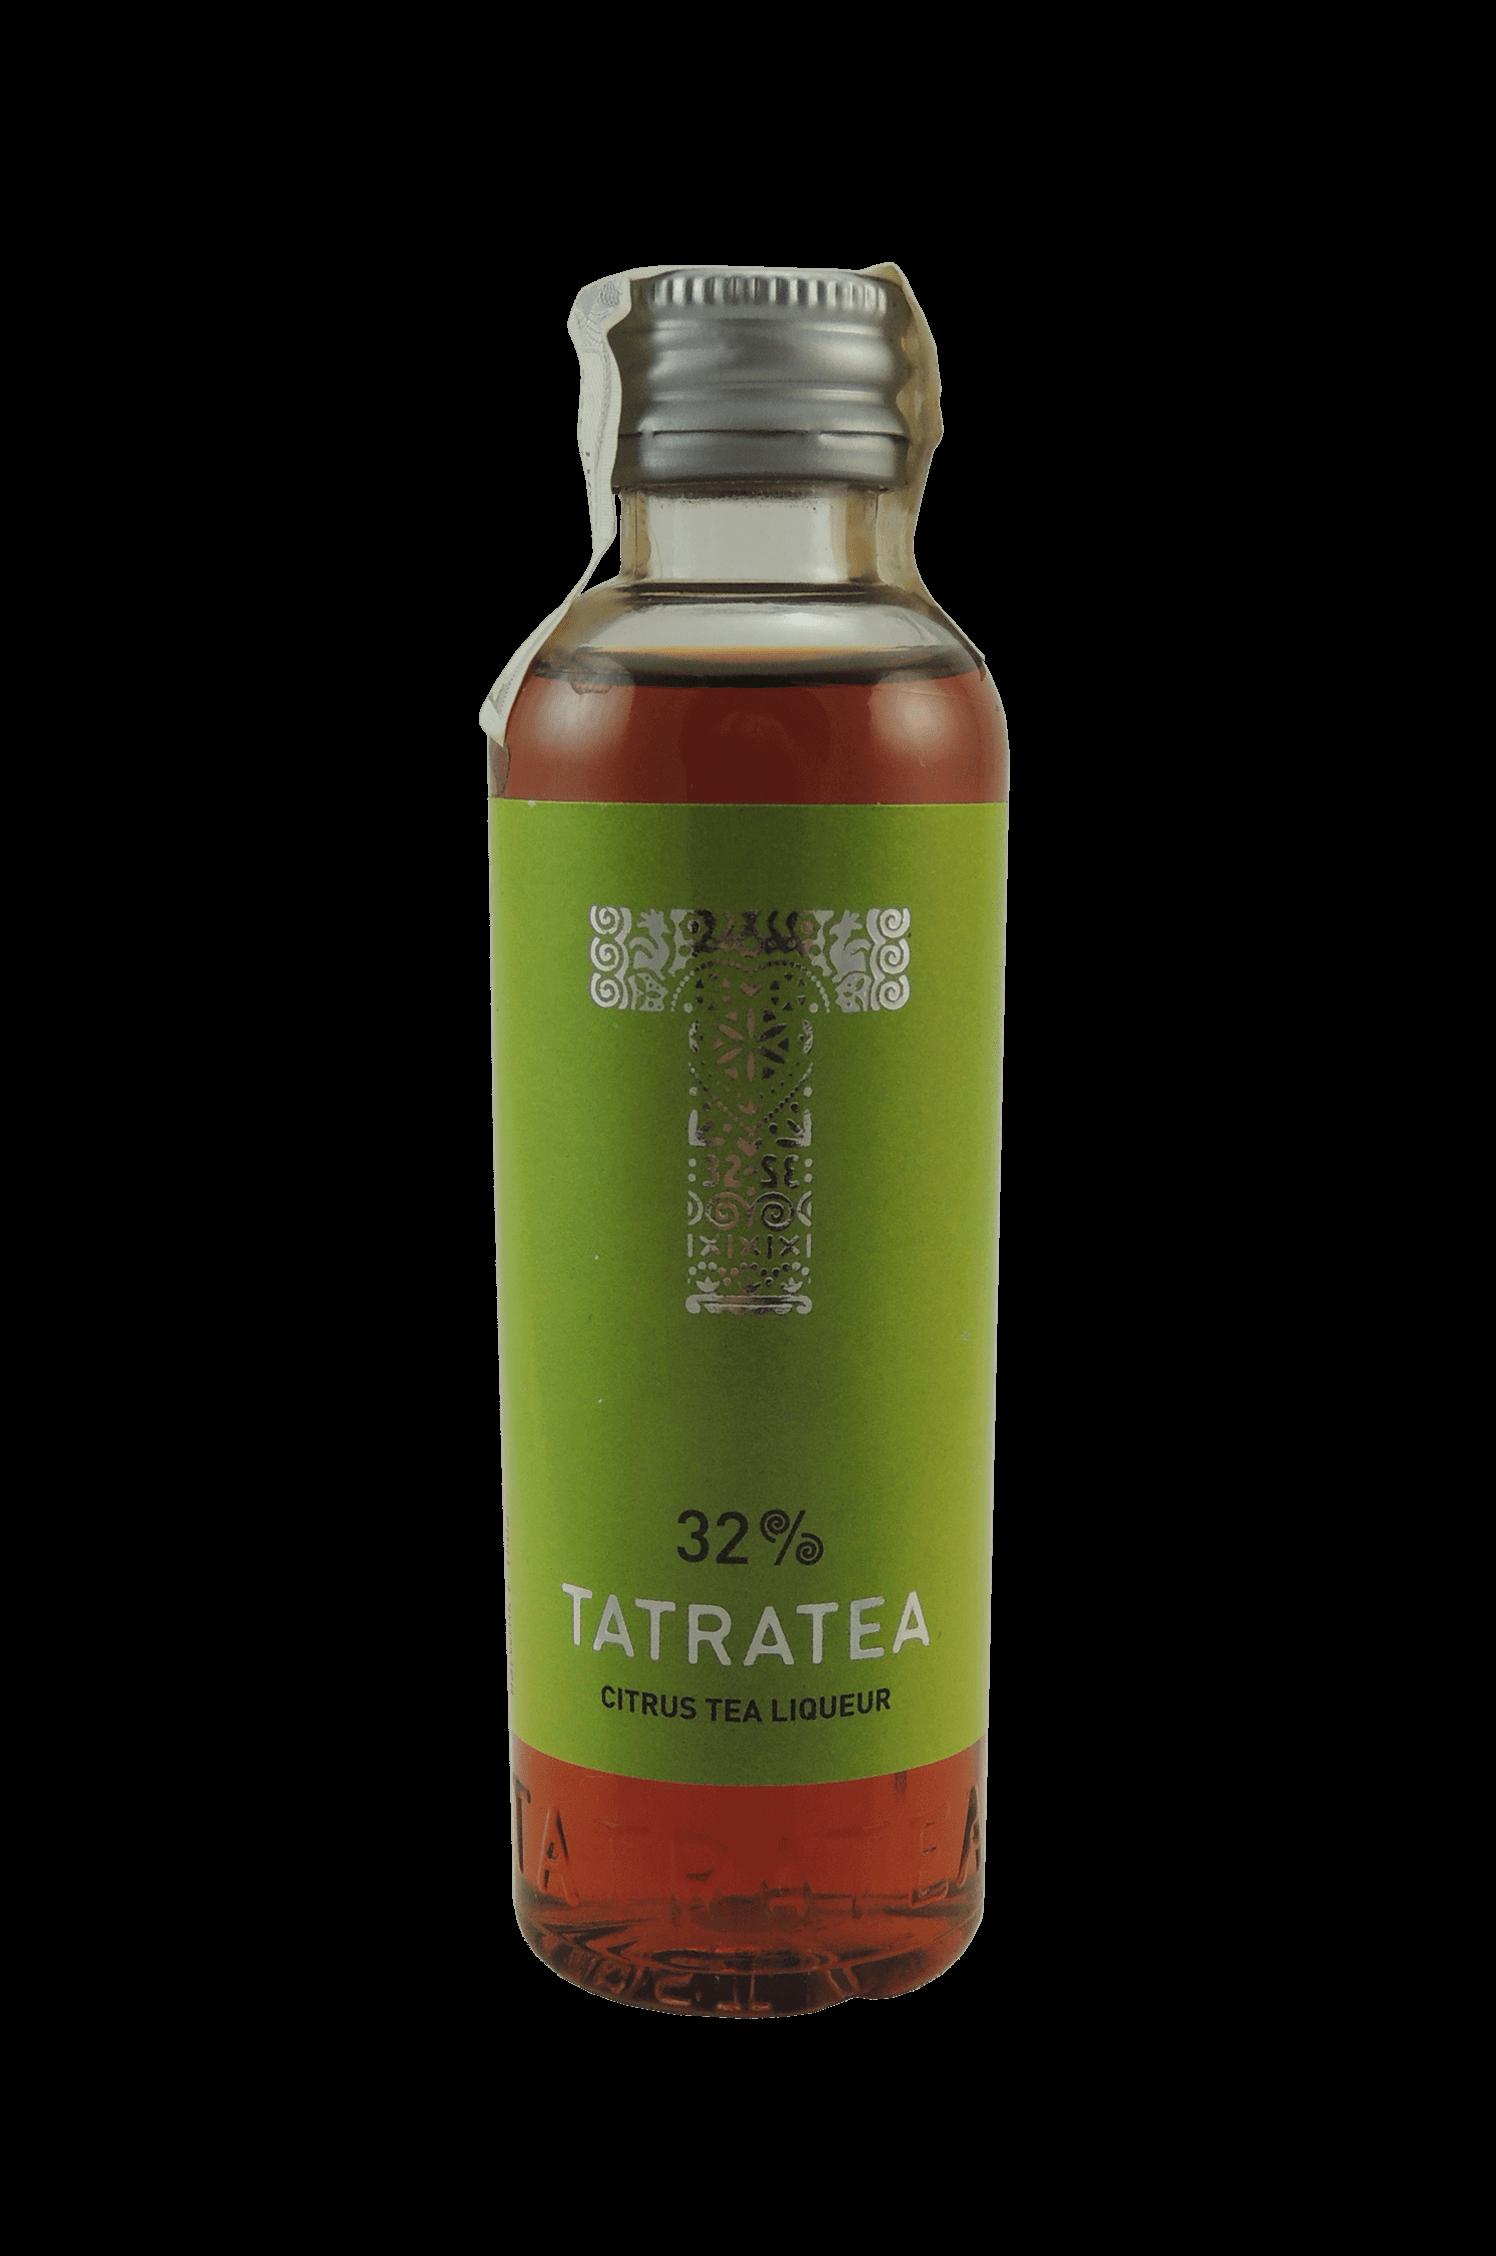 Tatratea Citrus Tea